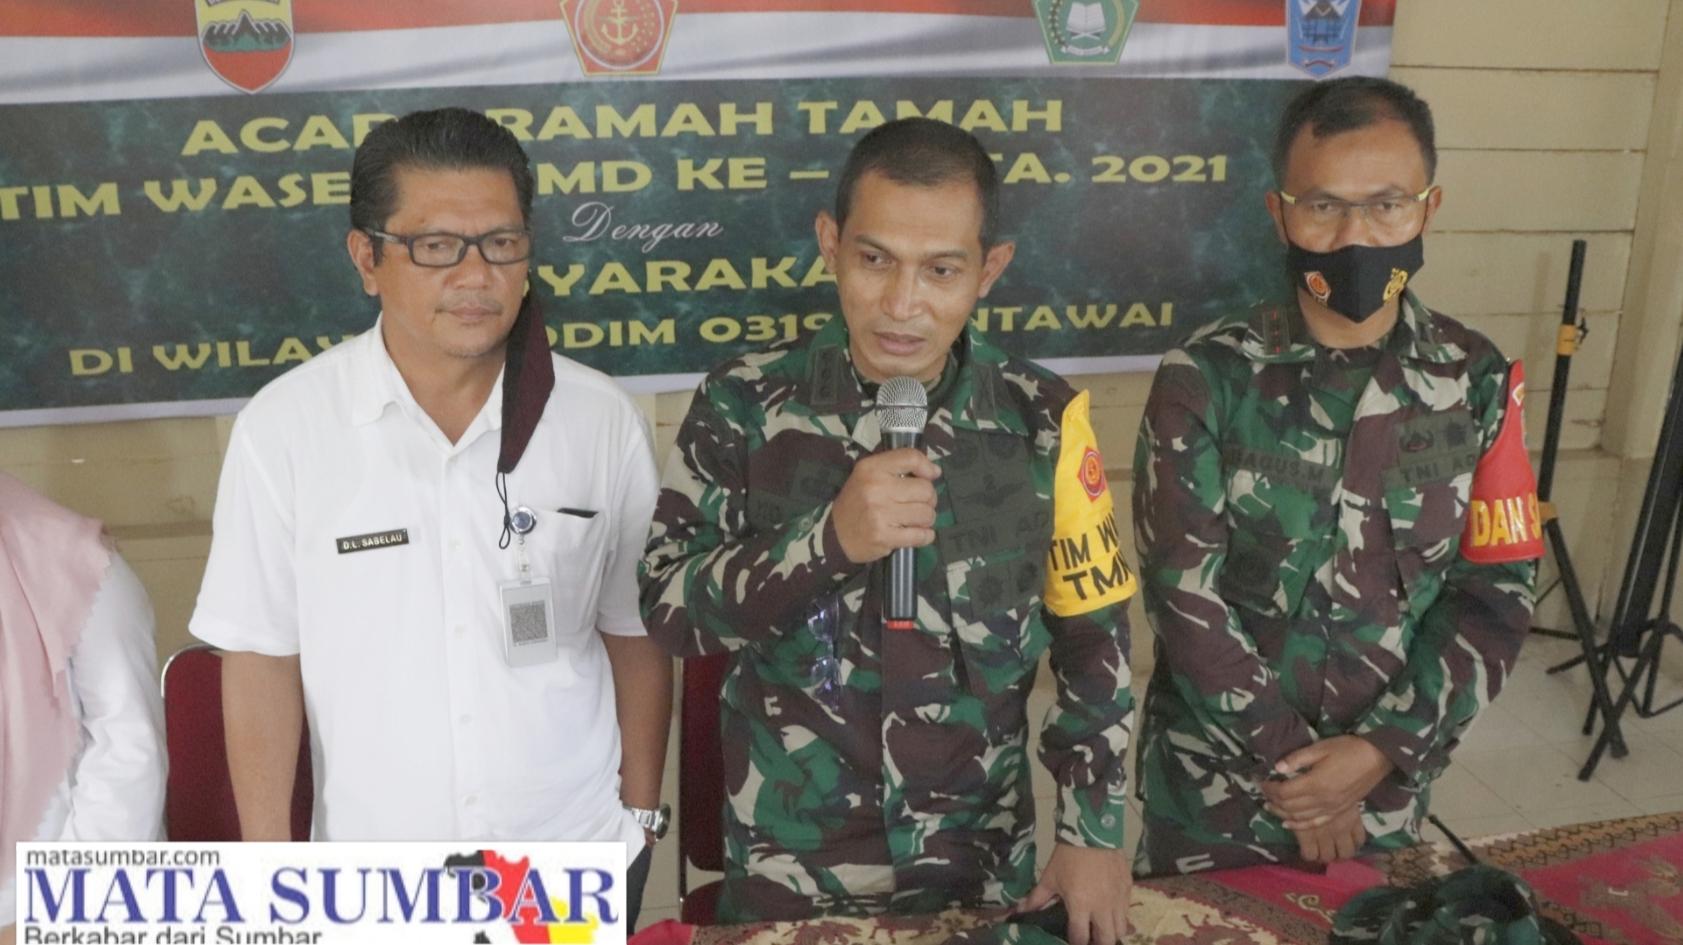 Ketua Tim Wasev Ajak Lapisan Masyarakat Peduli Untuk Memelihara dan Merawat Hasil Kegiatan TMMD